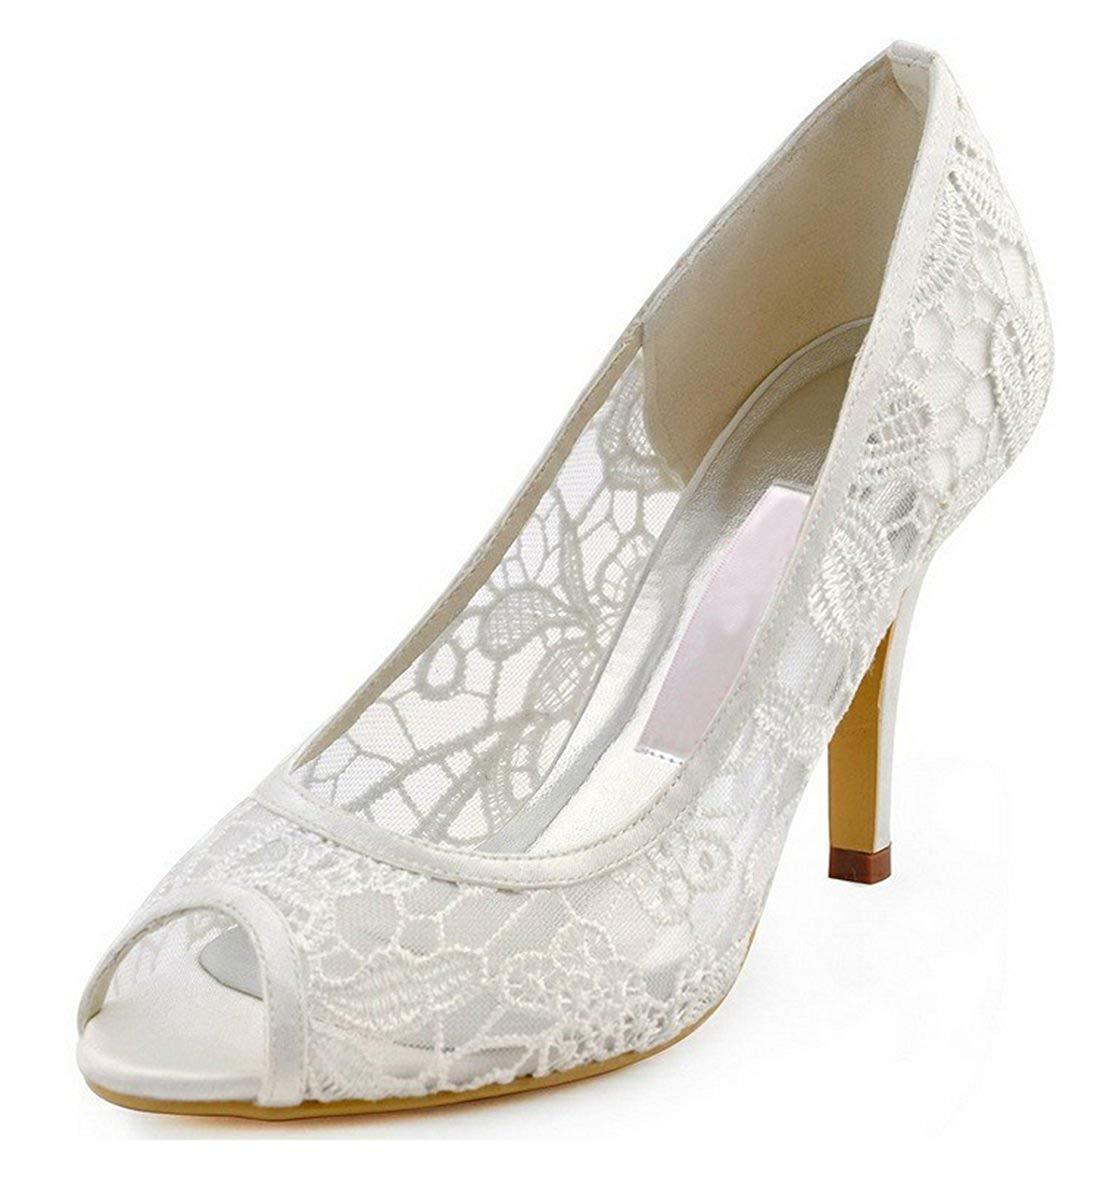 ZHRUI Damen Floral Mesh Mesh Mesh Peep Toe Spitze Braut Hochzeit Formale Party Sandalen (Farbe   Weiß-7cm Heel, Größe   8 UK) 4be305